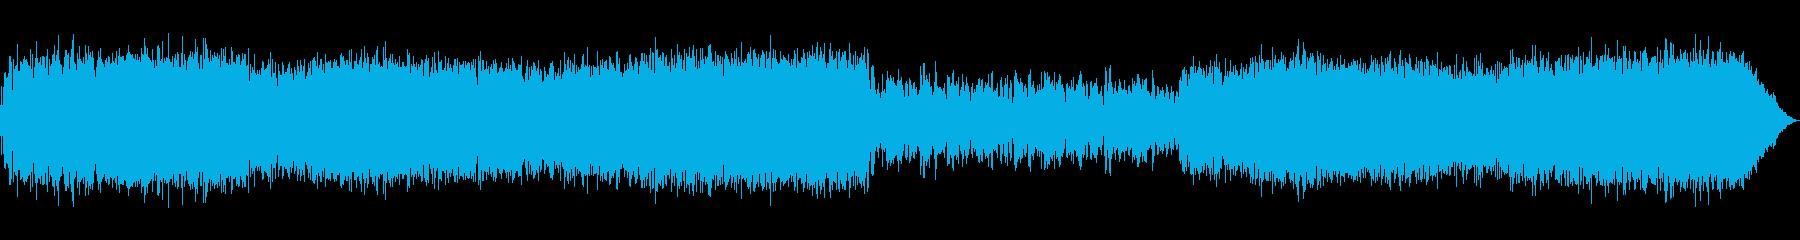 超常的なラスボス 逆再生 ドラムンベースの再生済みの波形